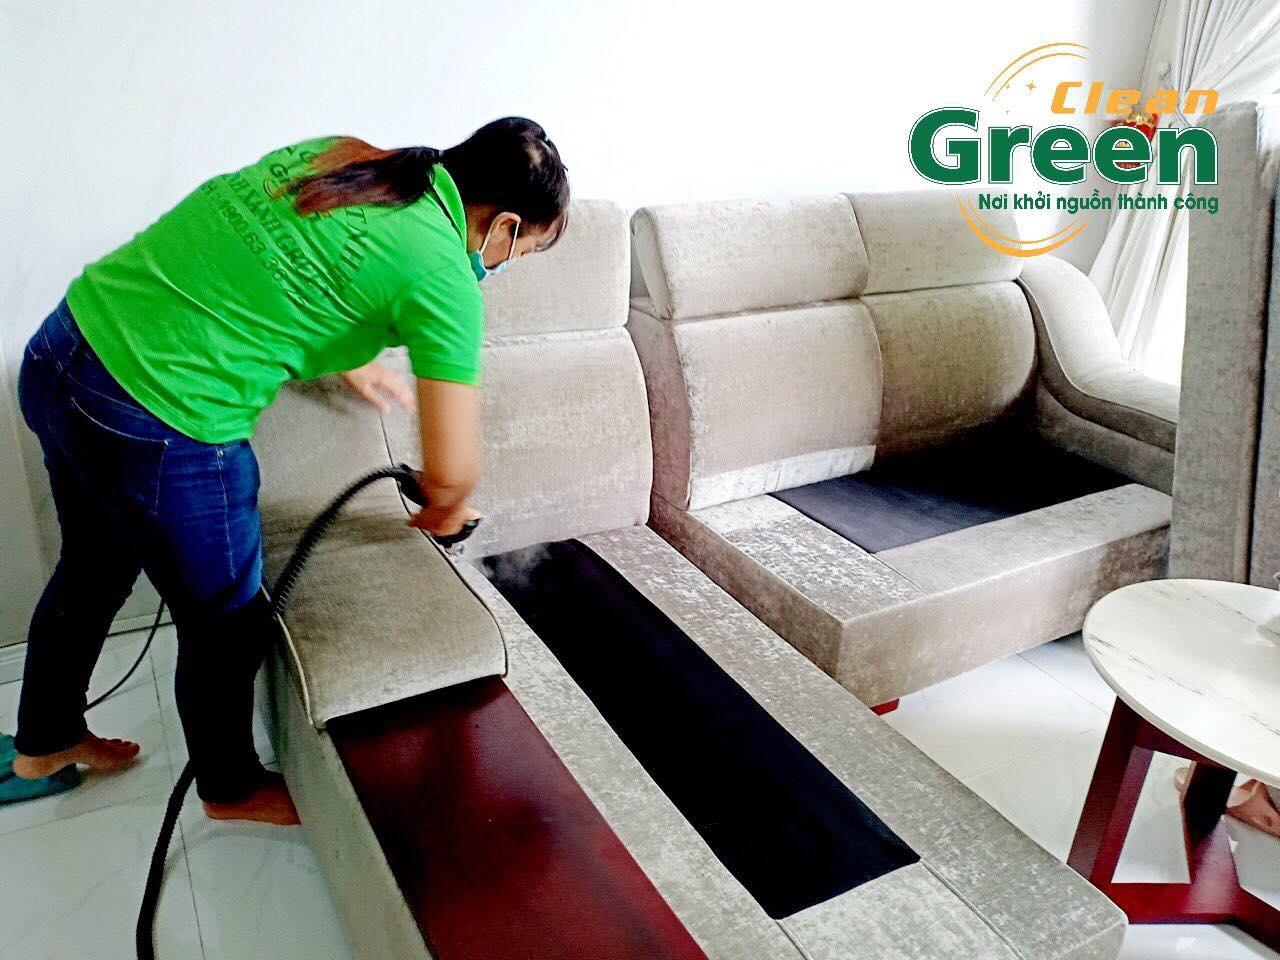 Green Clean - Dịch vụ giặt ghế sofa giá rẻ tại nhà Bình Dương